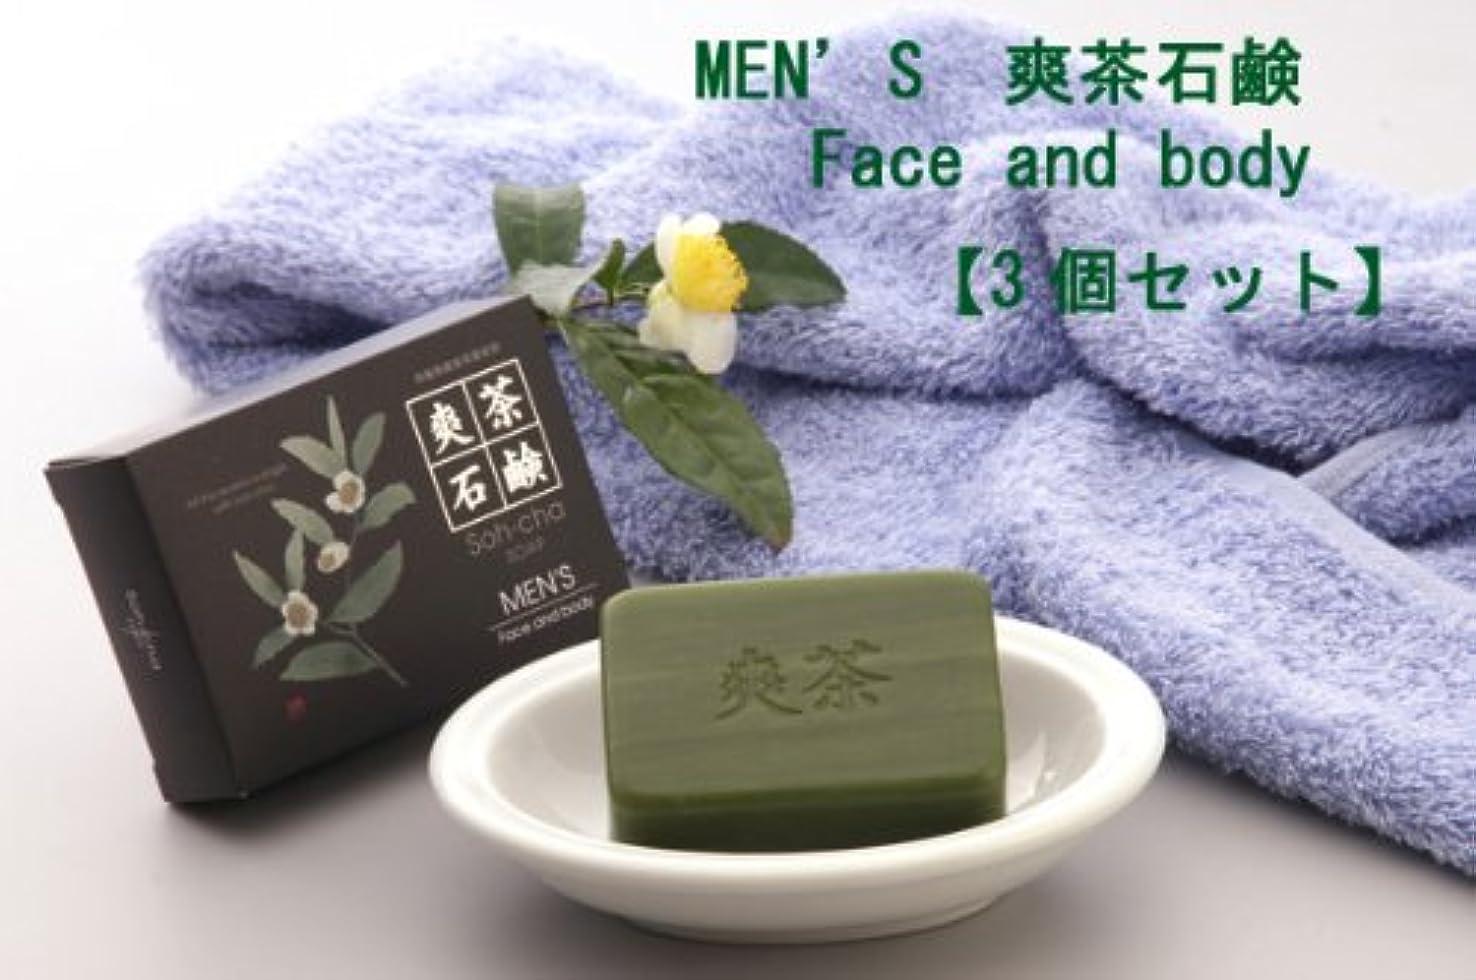 たぶん拡張サンダースMEN'S 爽茶石鹸 Face and body 3個セット(男性用デオドラントボディ+洗顔石鹸)